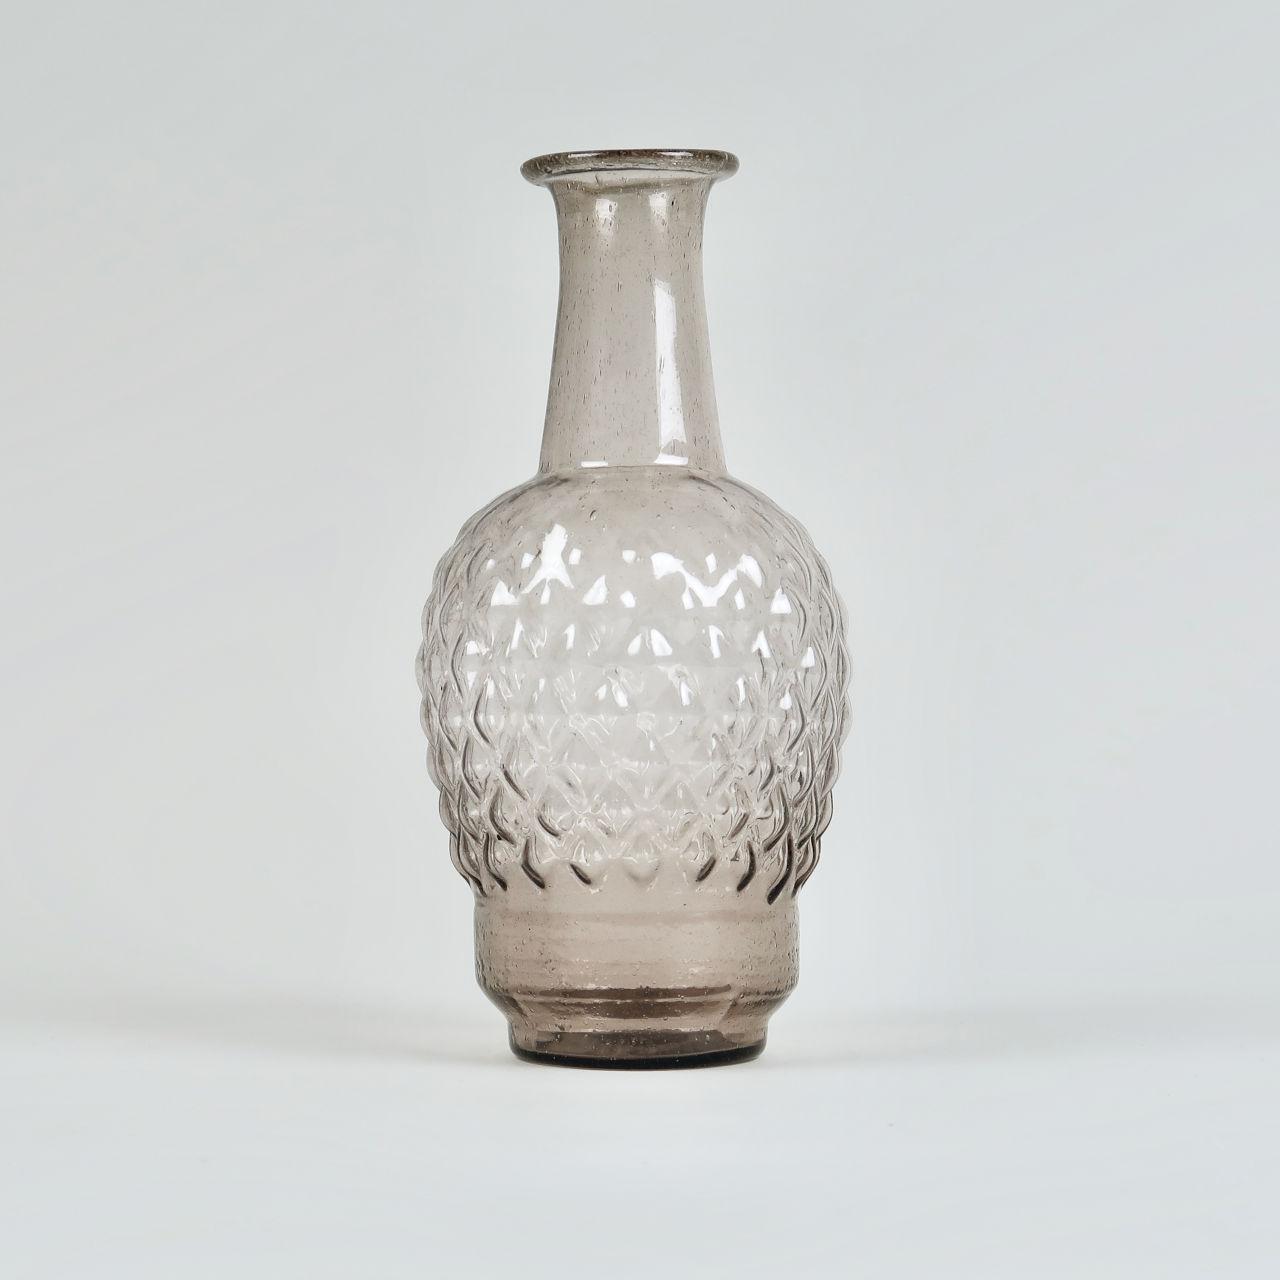 Amethyst Glass Vase - Tapti